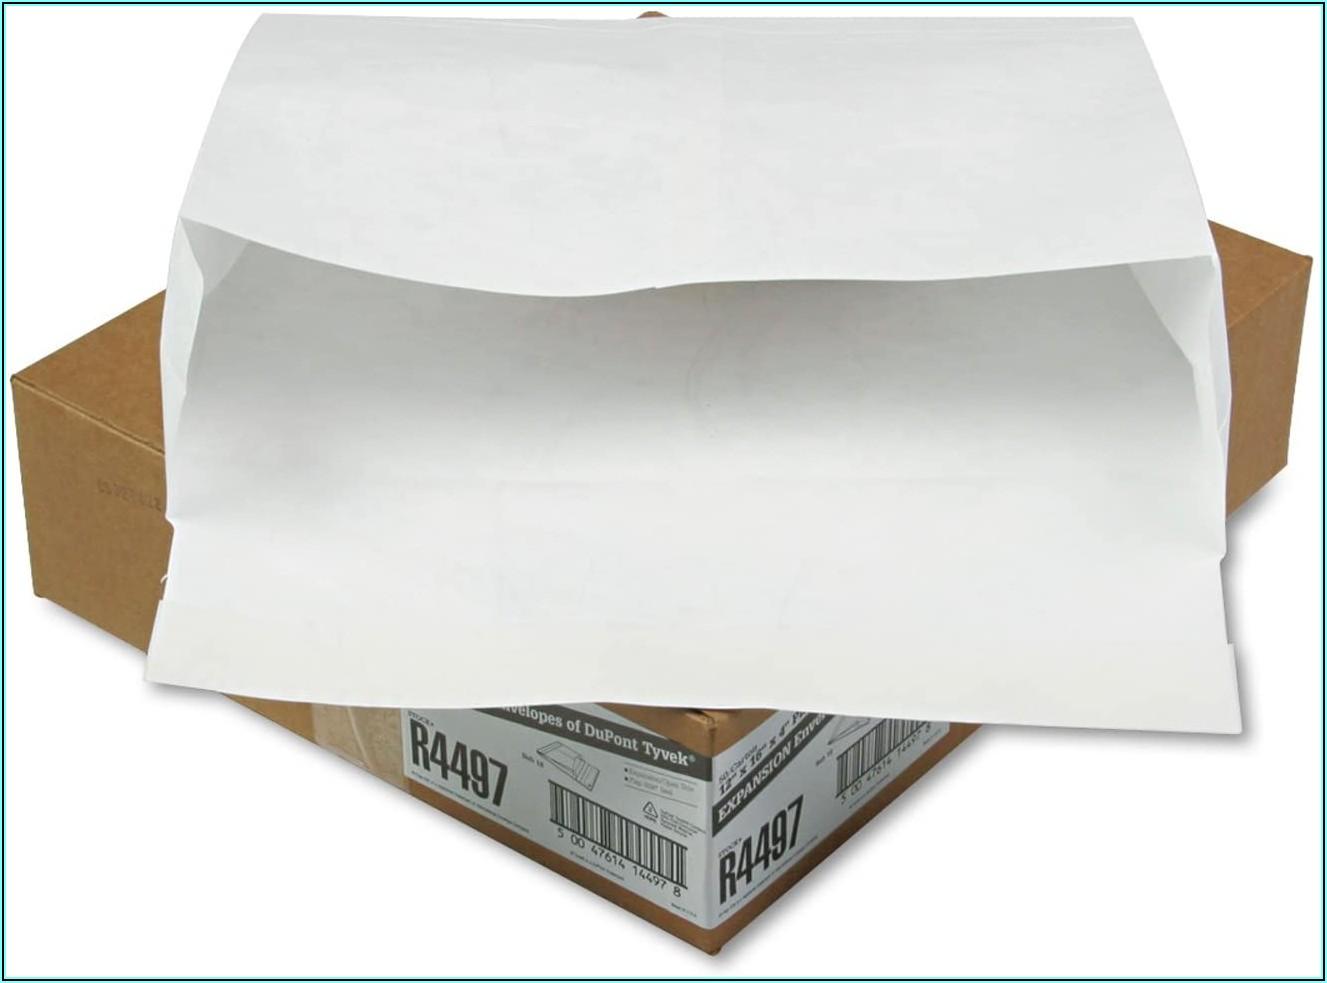 Quality Park Expansion Envelopes